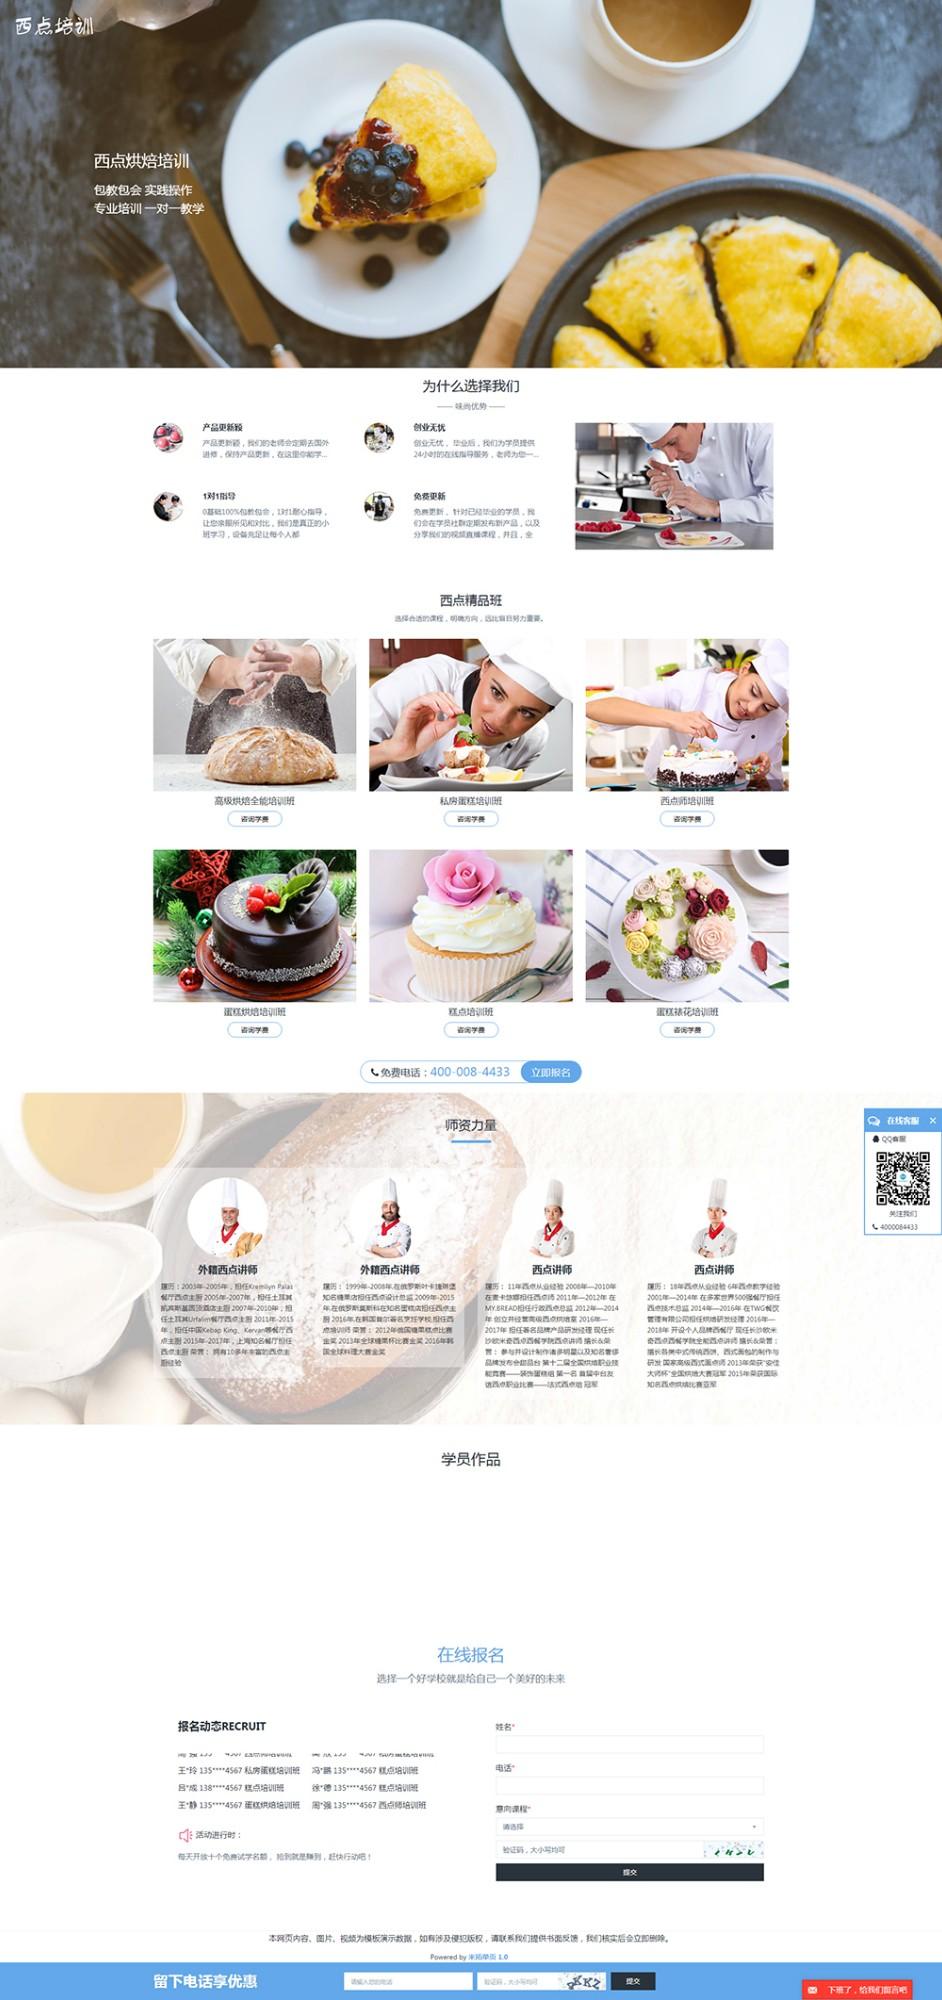 西点培训落地页模板|广告页模板|宣传页模板|推广页|专题页设计制作